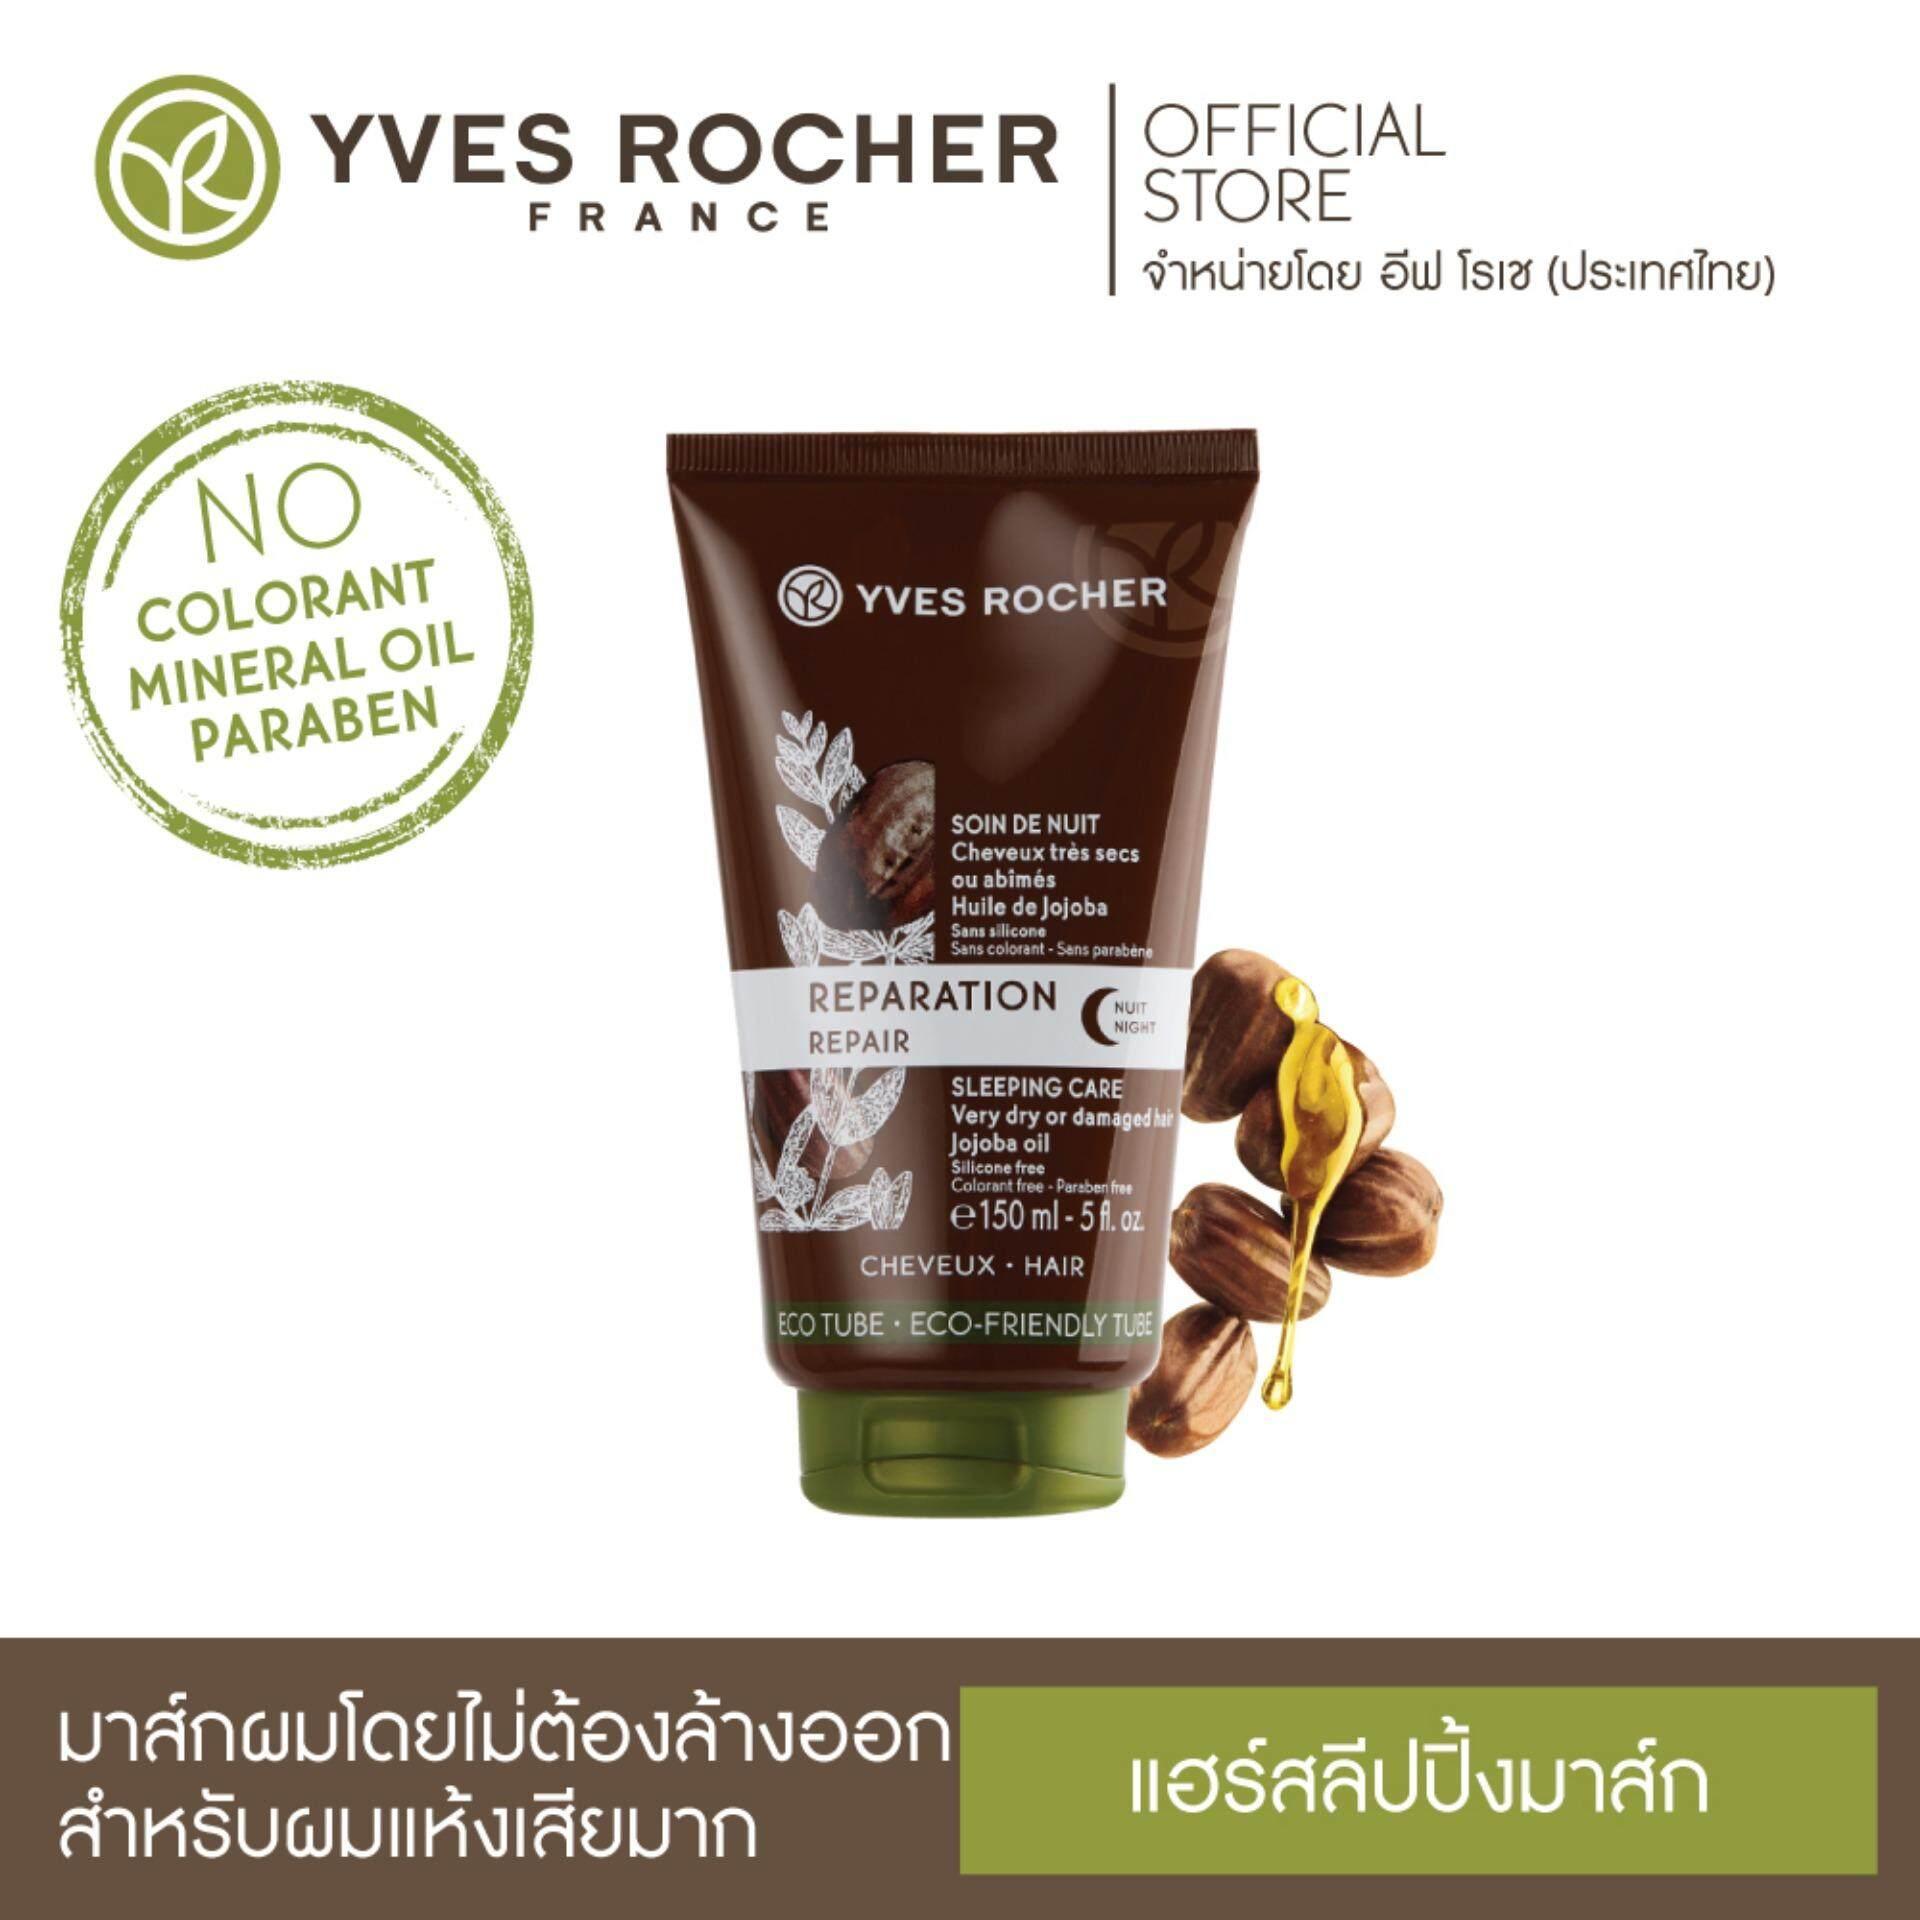 Yves Rocher BHC Repair Hair Sleeping Pack 150ml